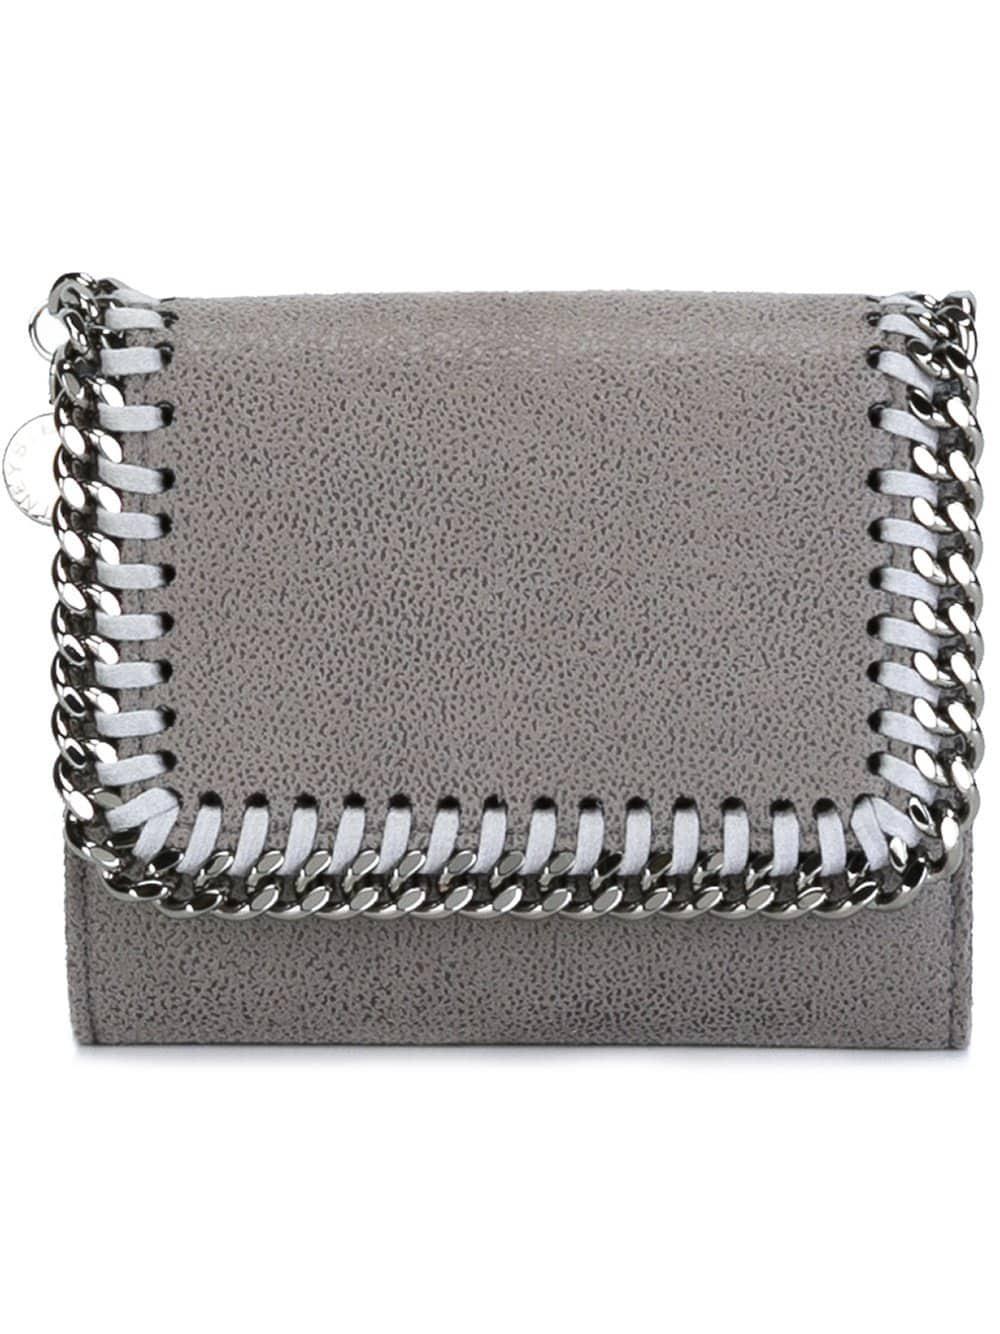 Stella Mccartney Mini Portafoglio `falabella` in Gray - Lyst 29755d30784